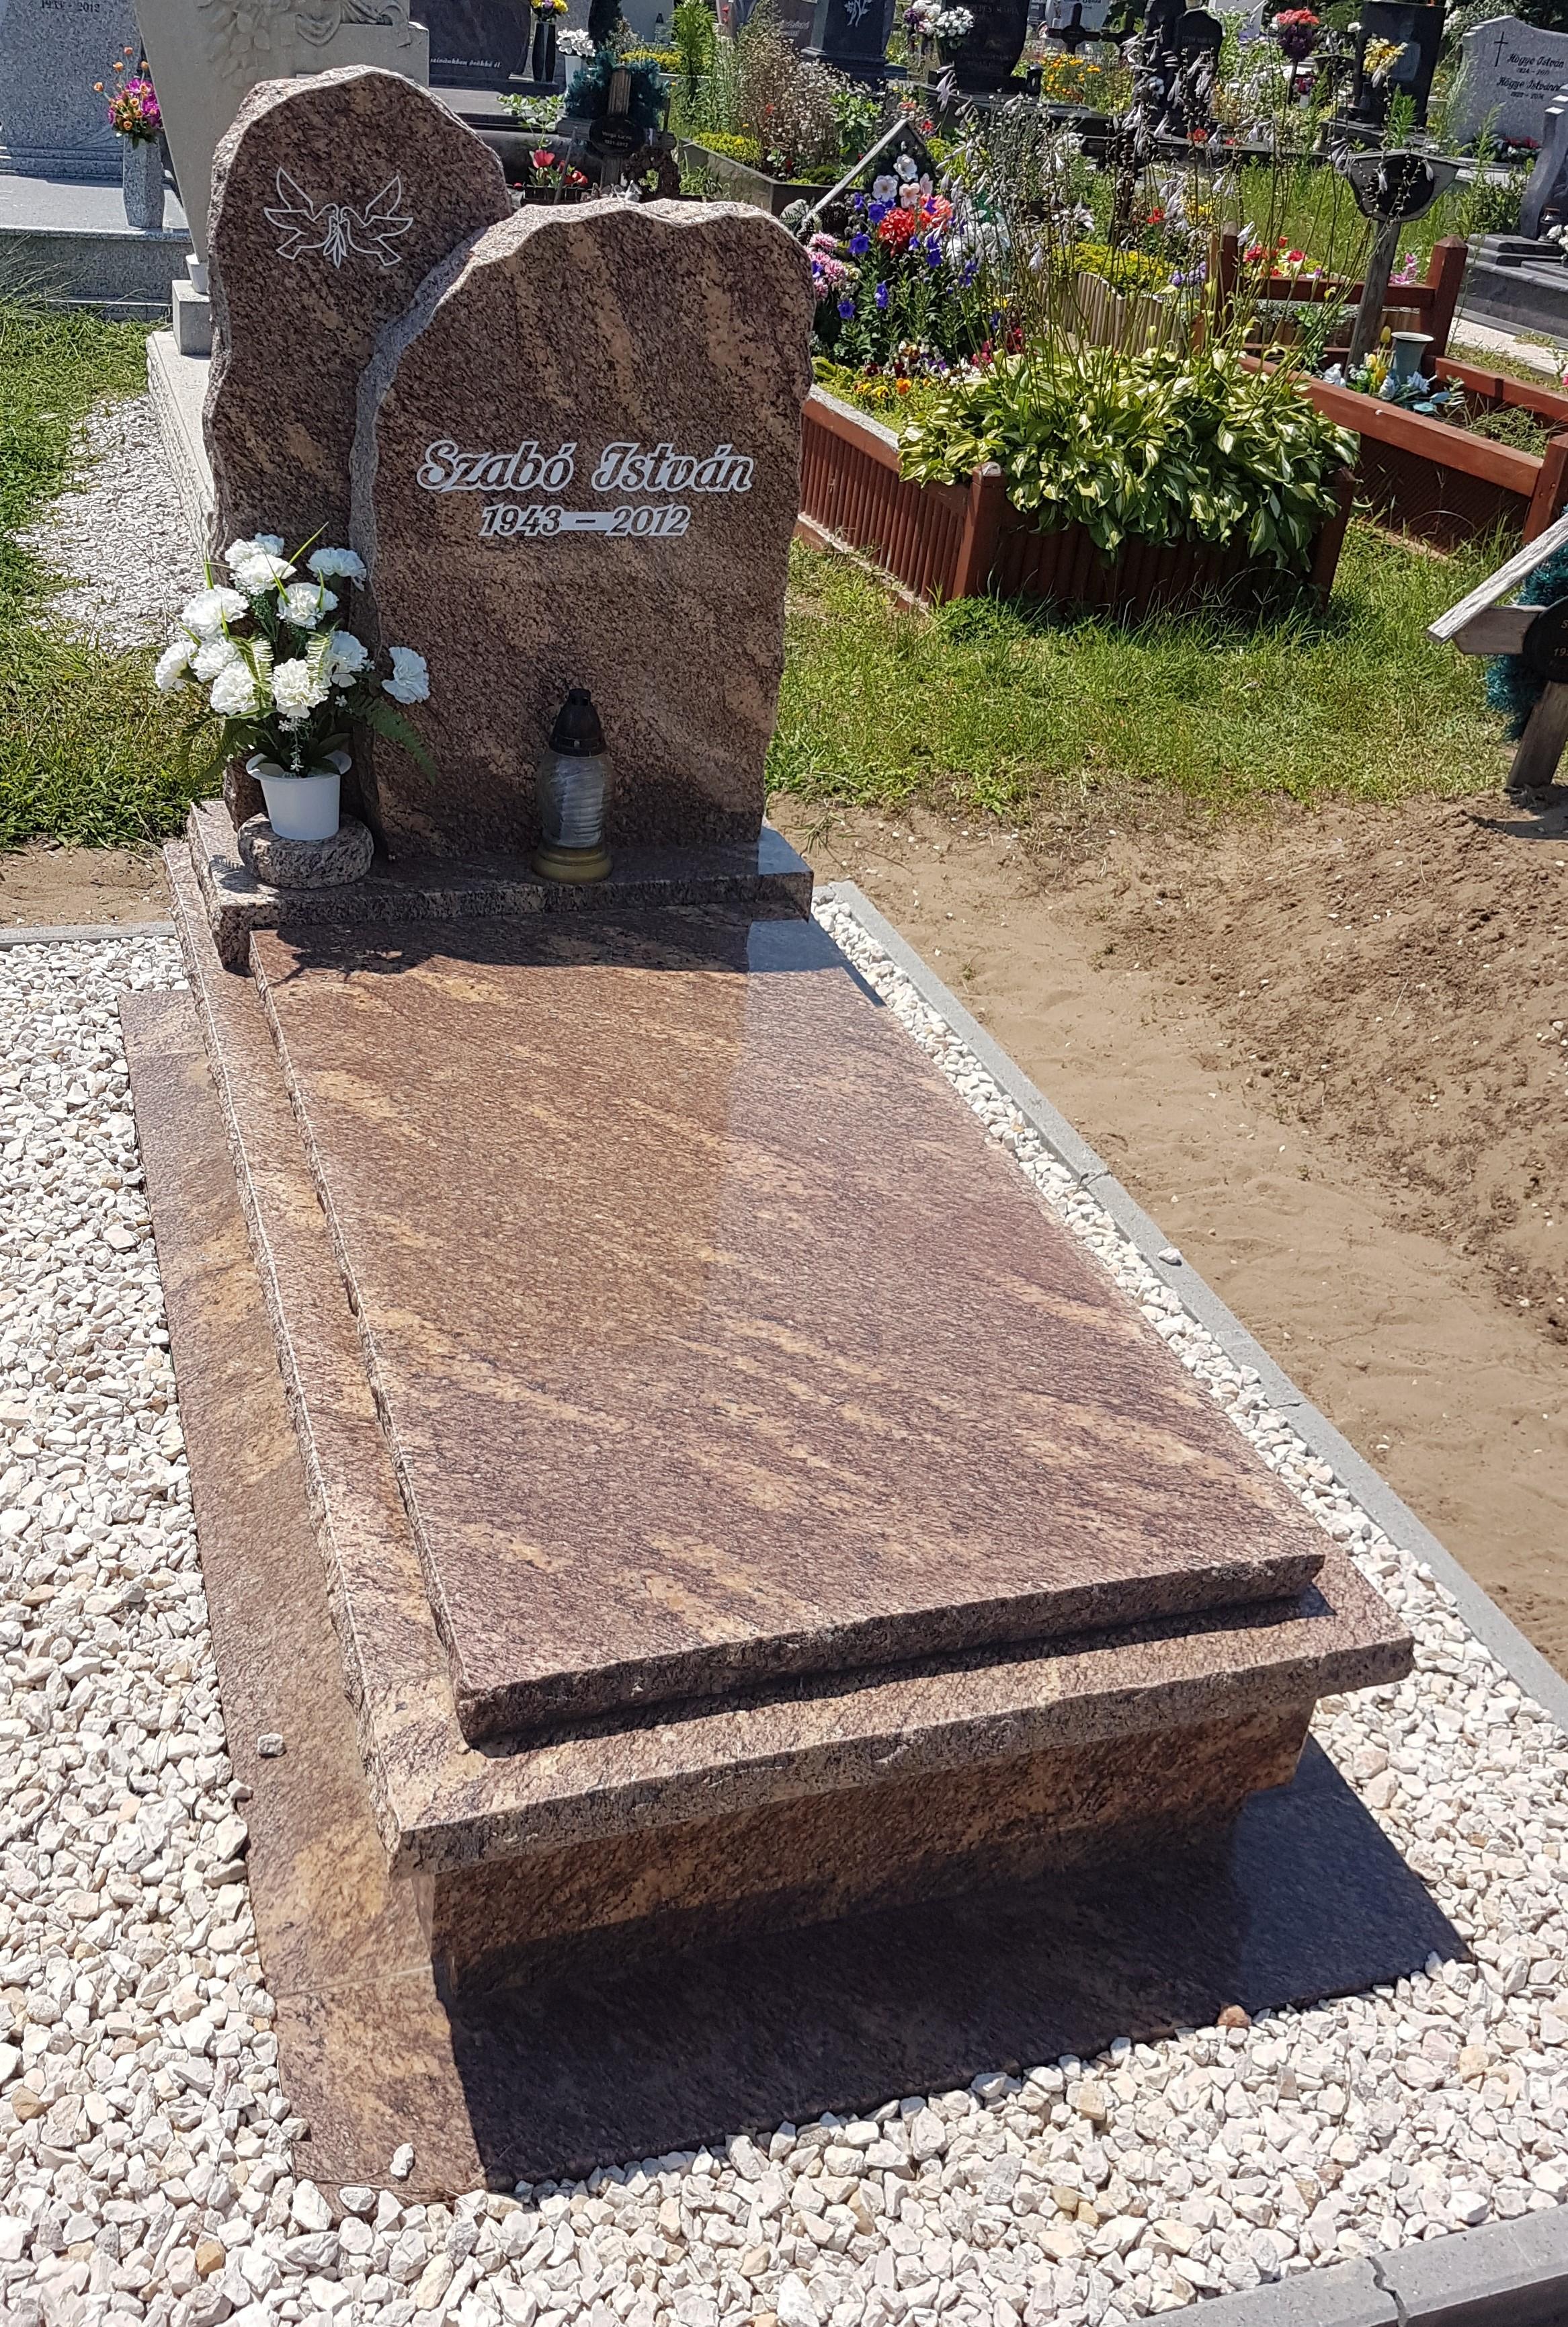 Brazil gold szimpla gránit síremlék akciós ár 550.000 Ft